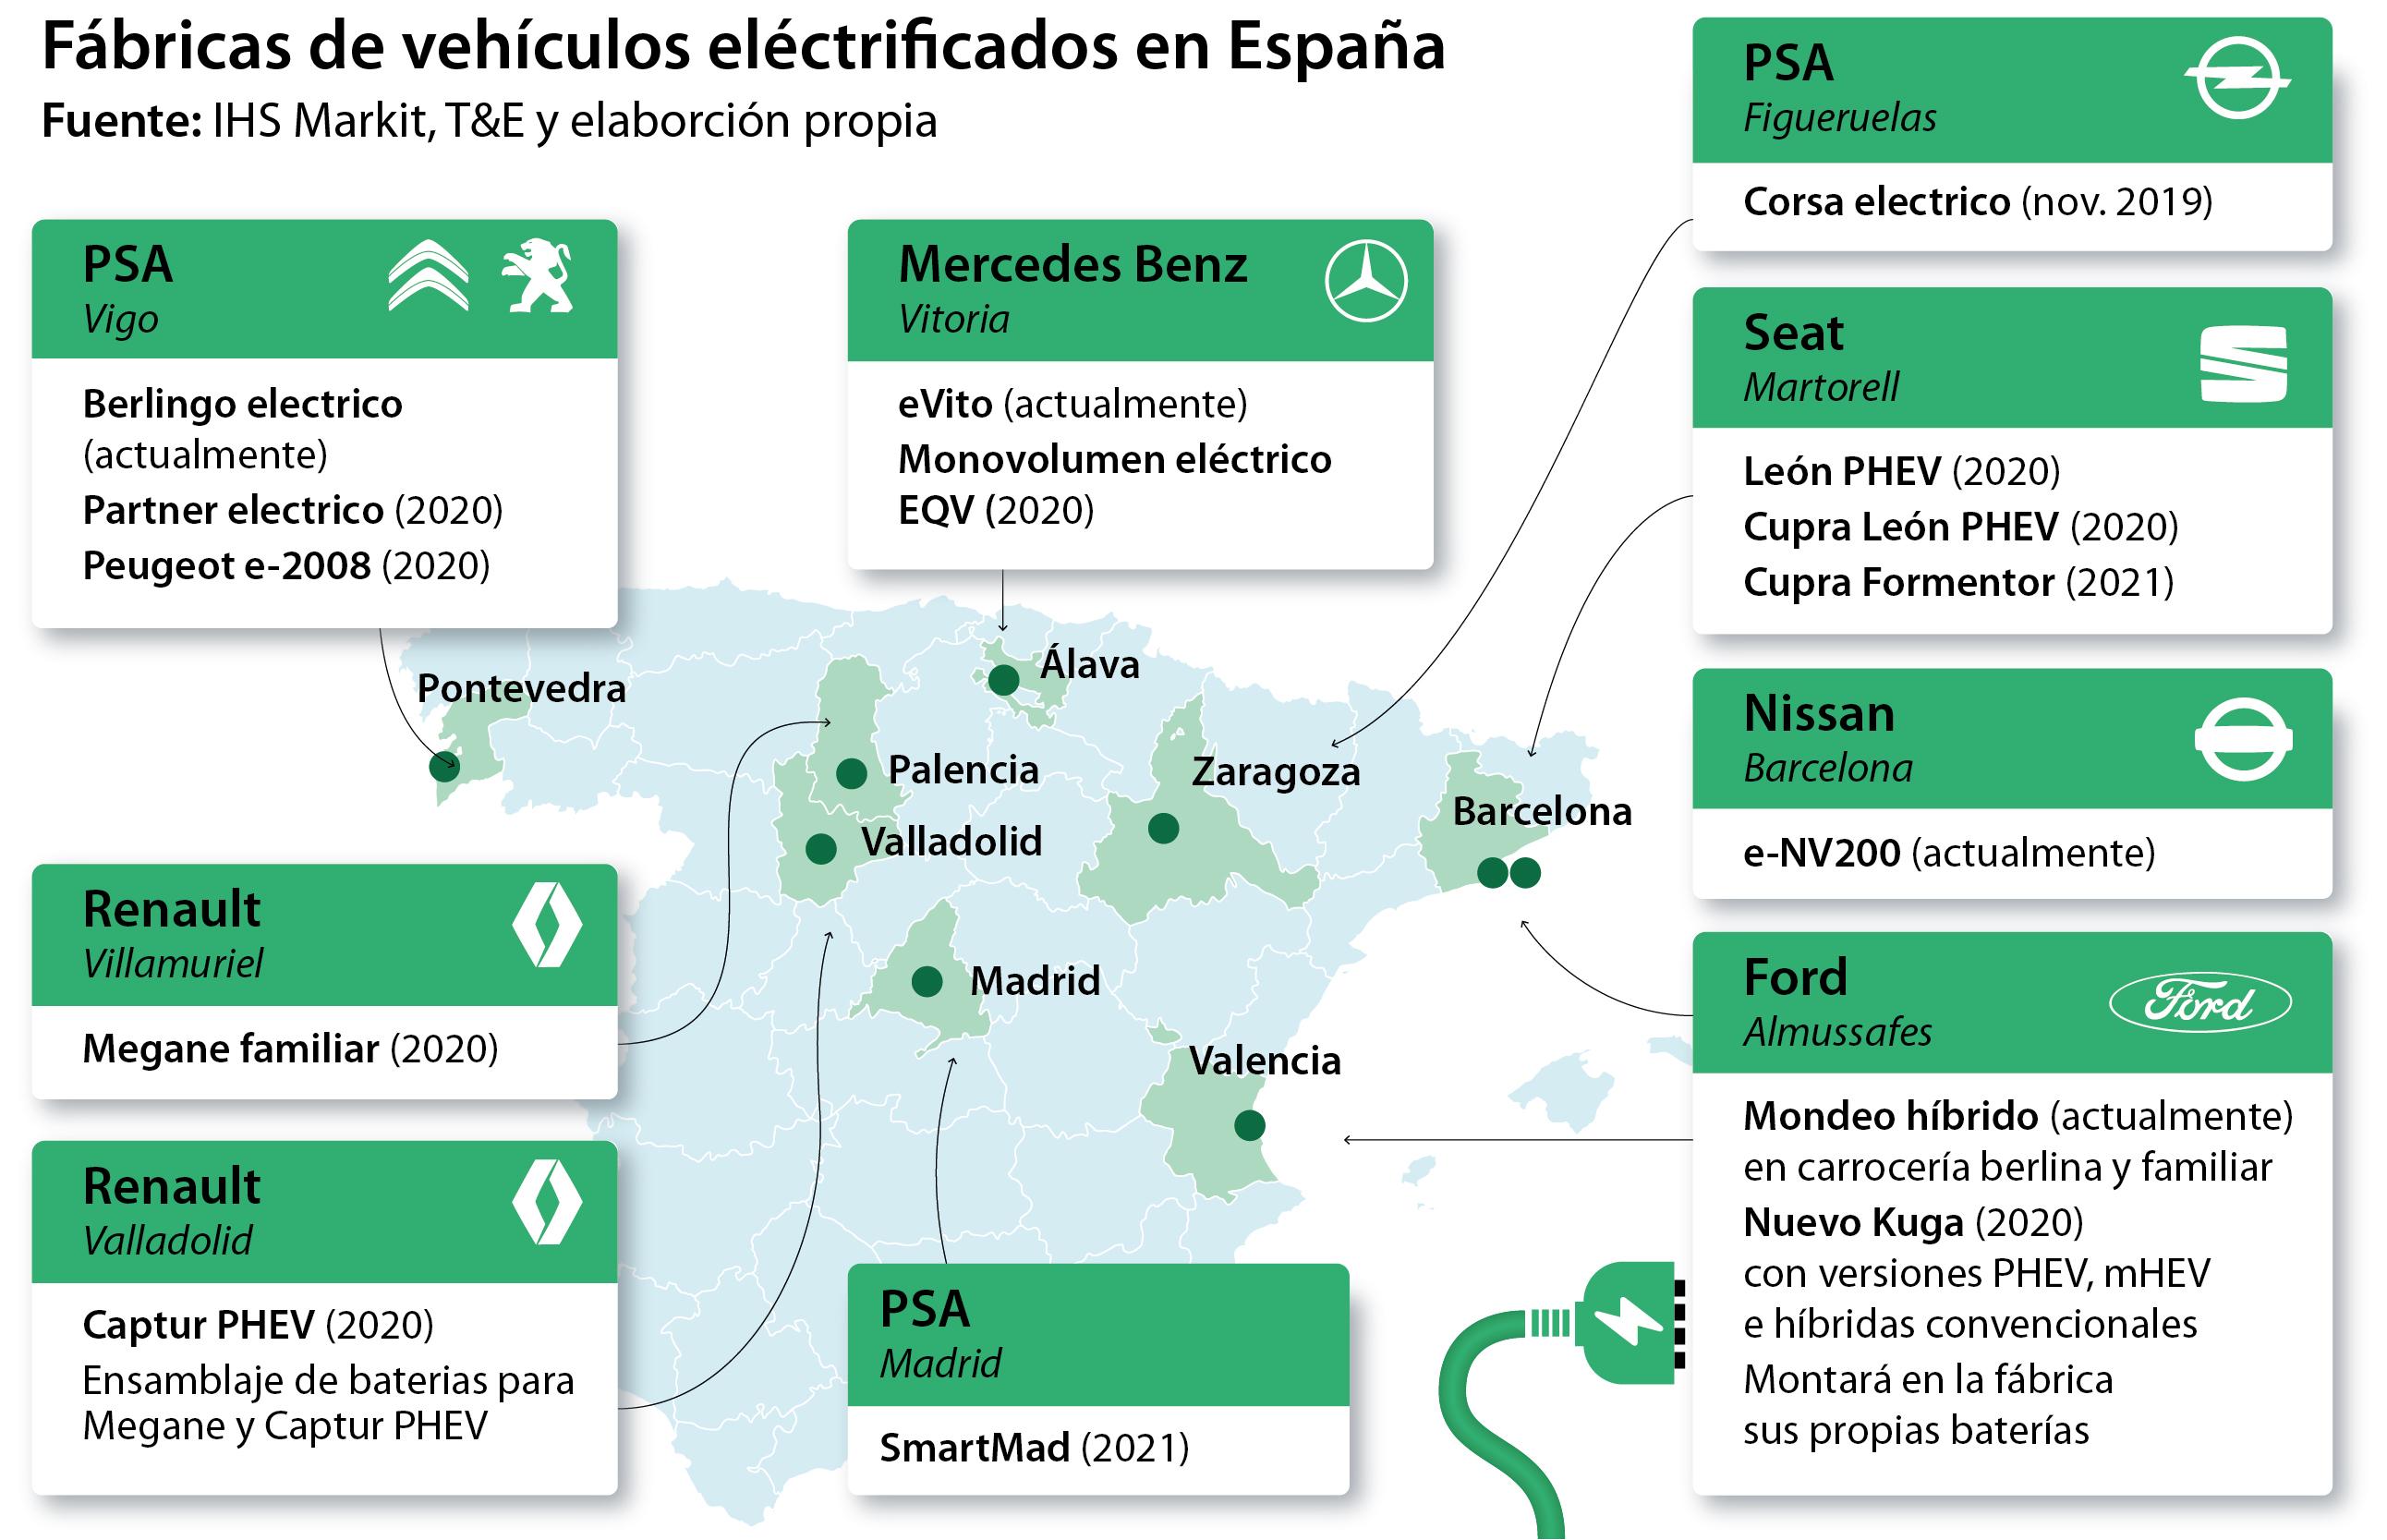 Las fábricas españolas se enchufan al automóvil eléctrico